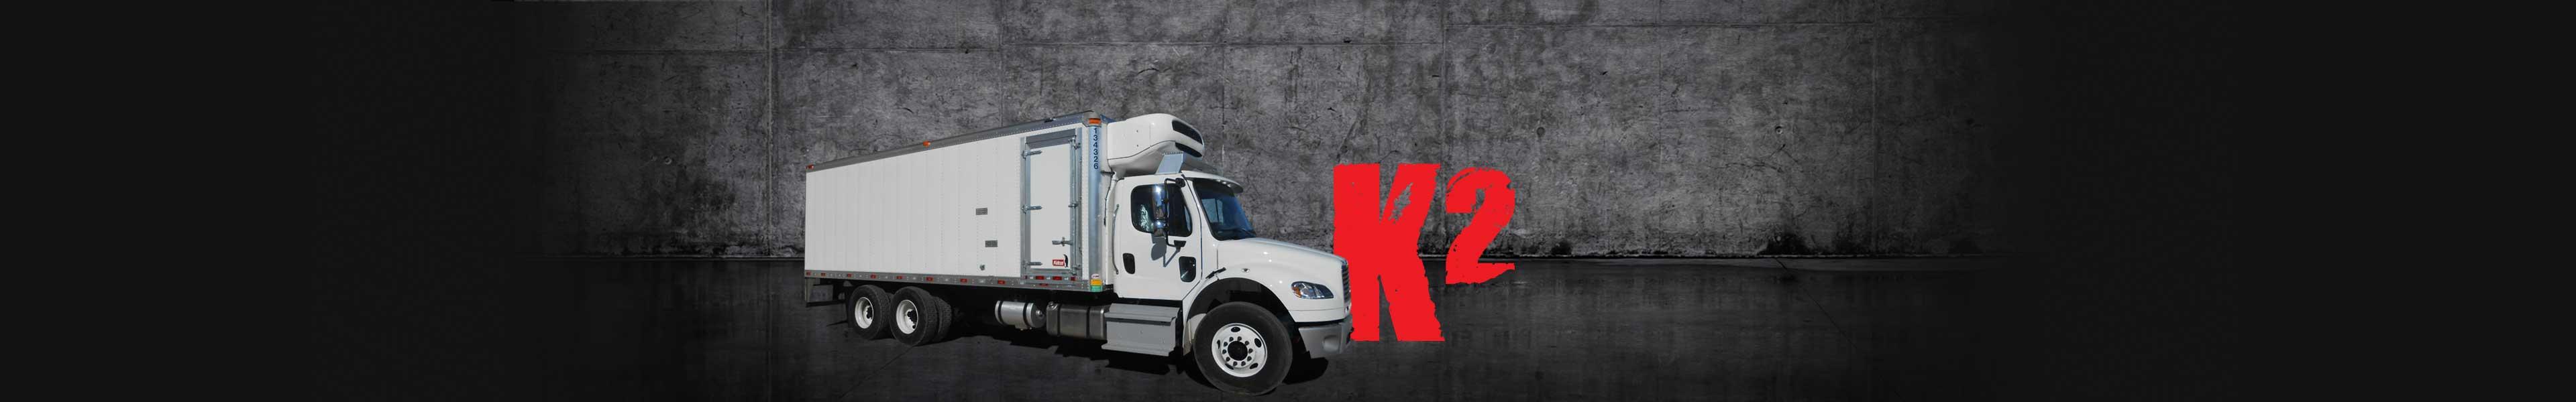 K2 Banner